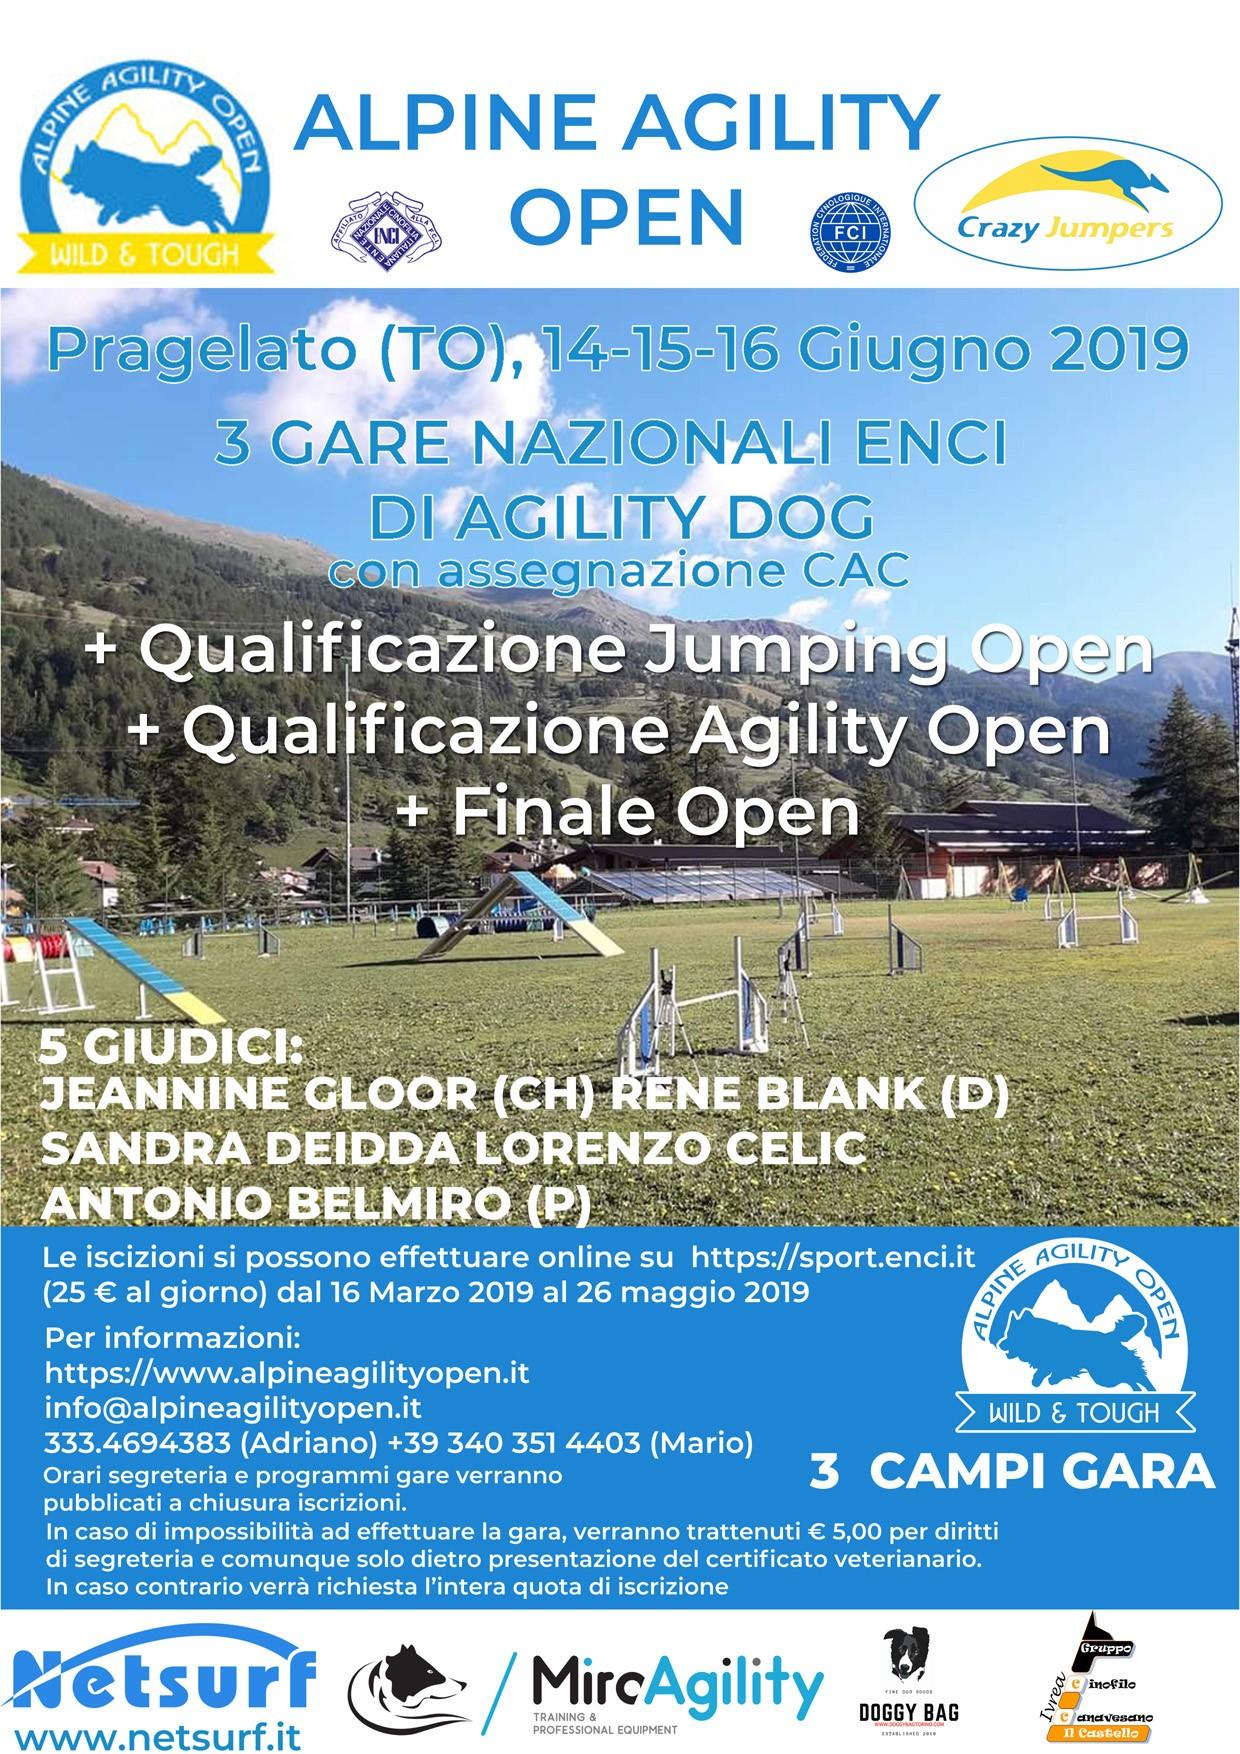 Sabato 15 giugno 2019: Gara Nazionale di Agility + Agility di qualificazione OPEN